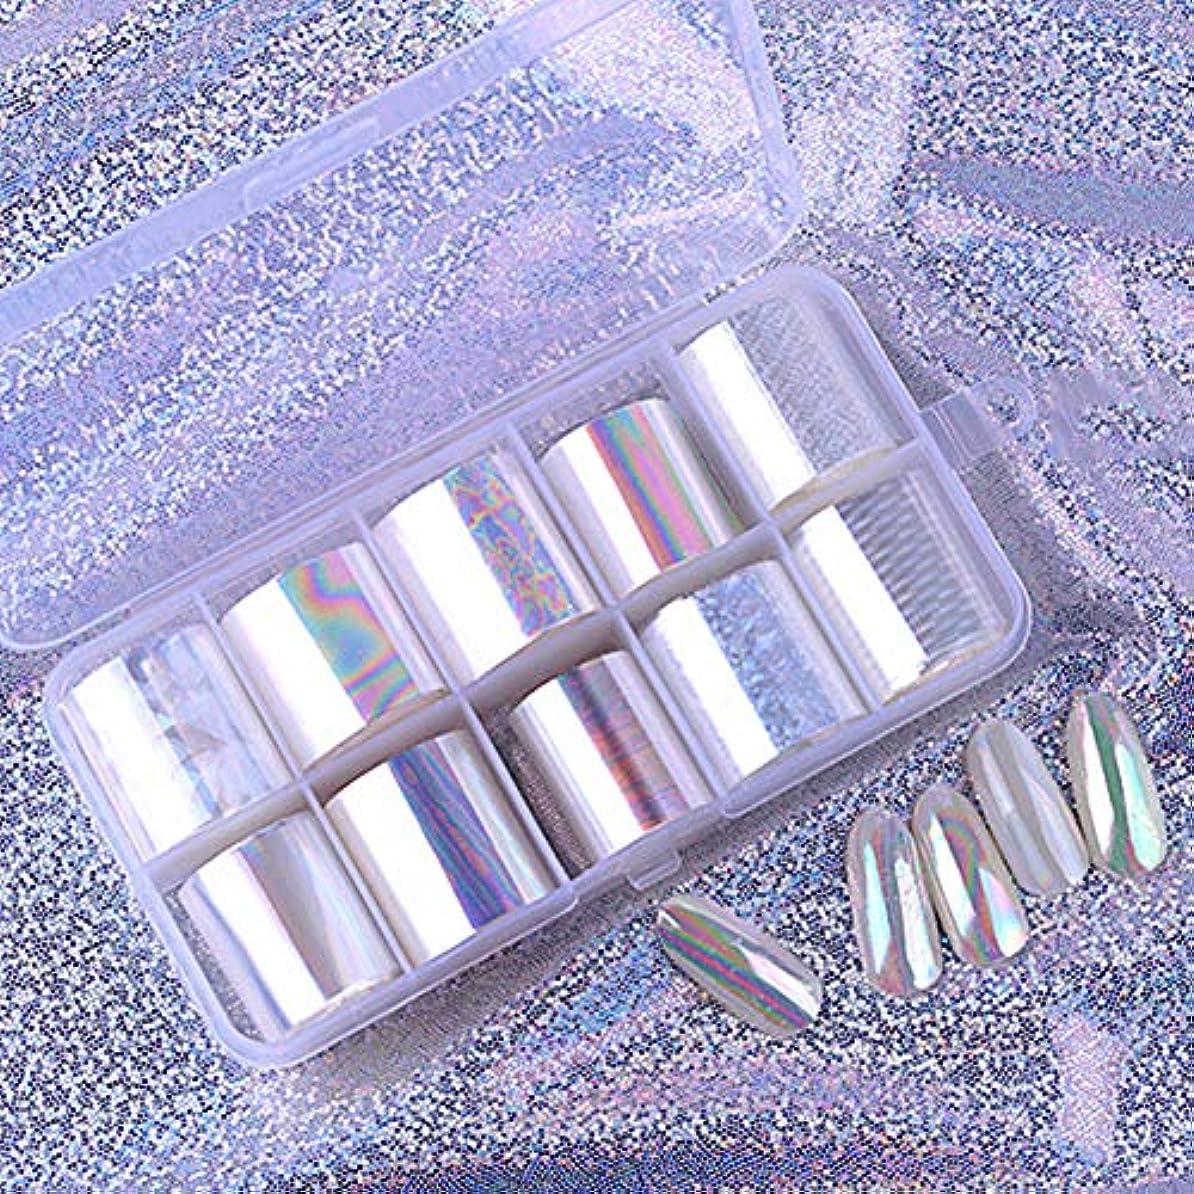 自己尊重一般的に言えば頬Ourine ネイルステッカー ネイルスター紙パッケージリーフレット 光沢のある星空紙 ネイルアートジェルセット ポーランドUV LEDゲル ネイルポリッシュ ネイルシール テープ ネイル 10枚セット 収納ケース